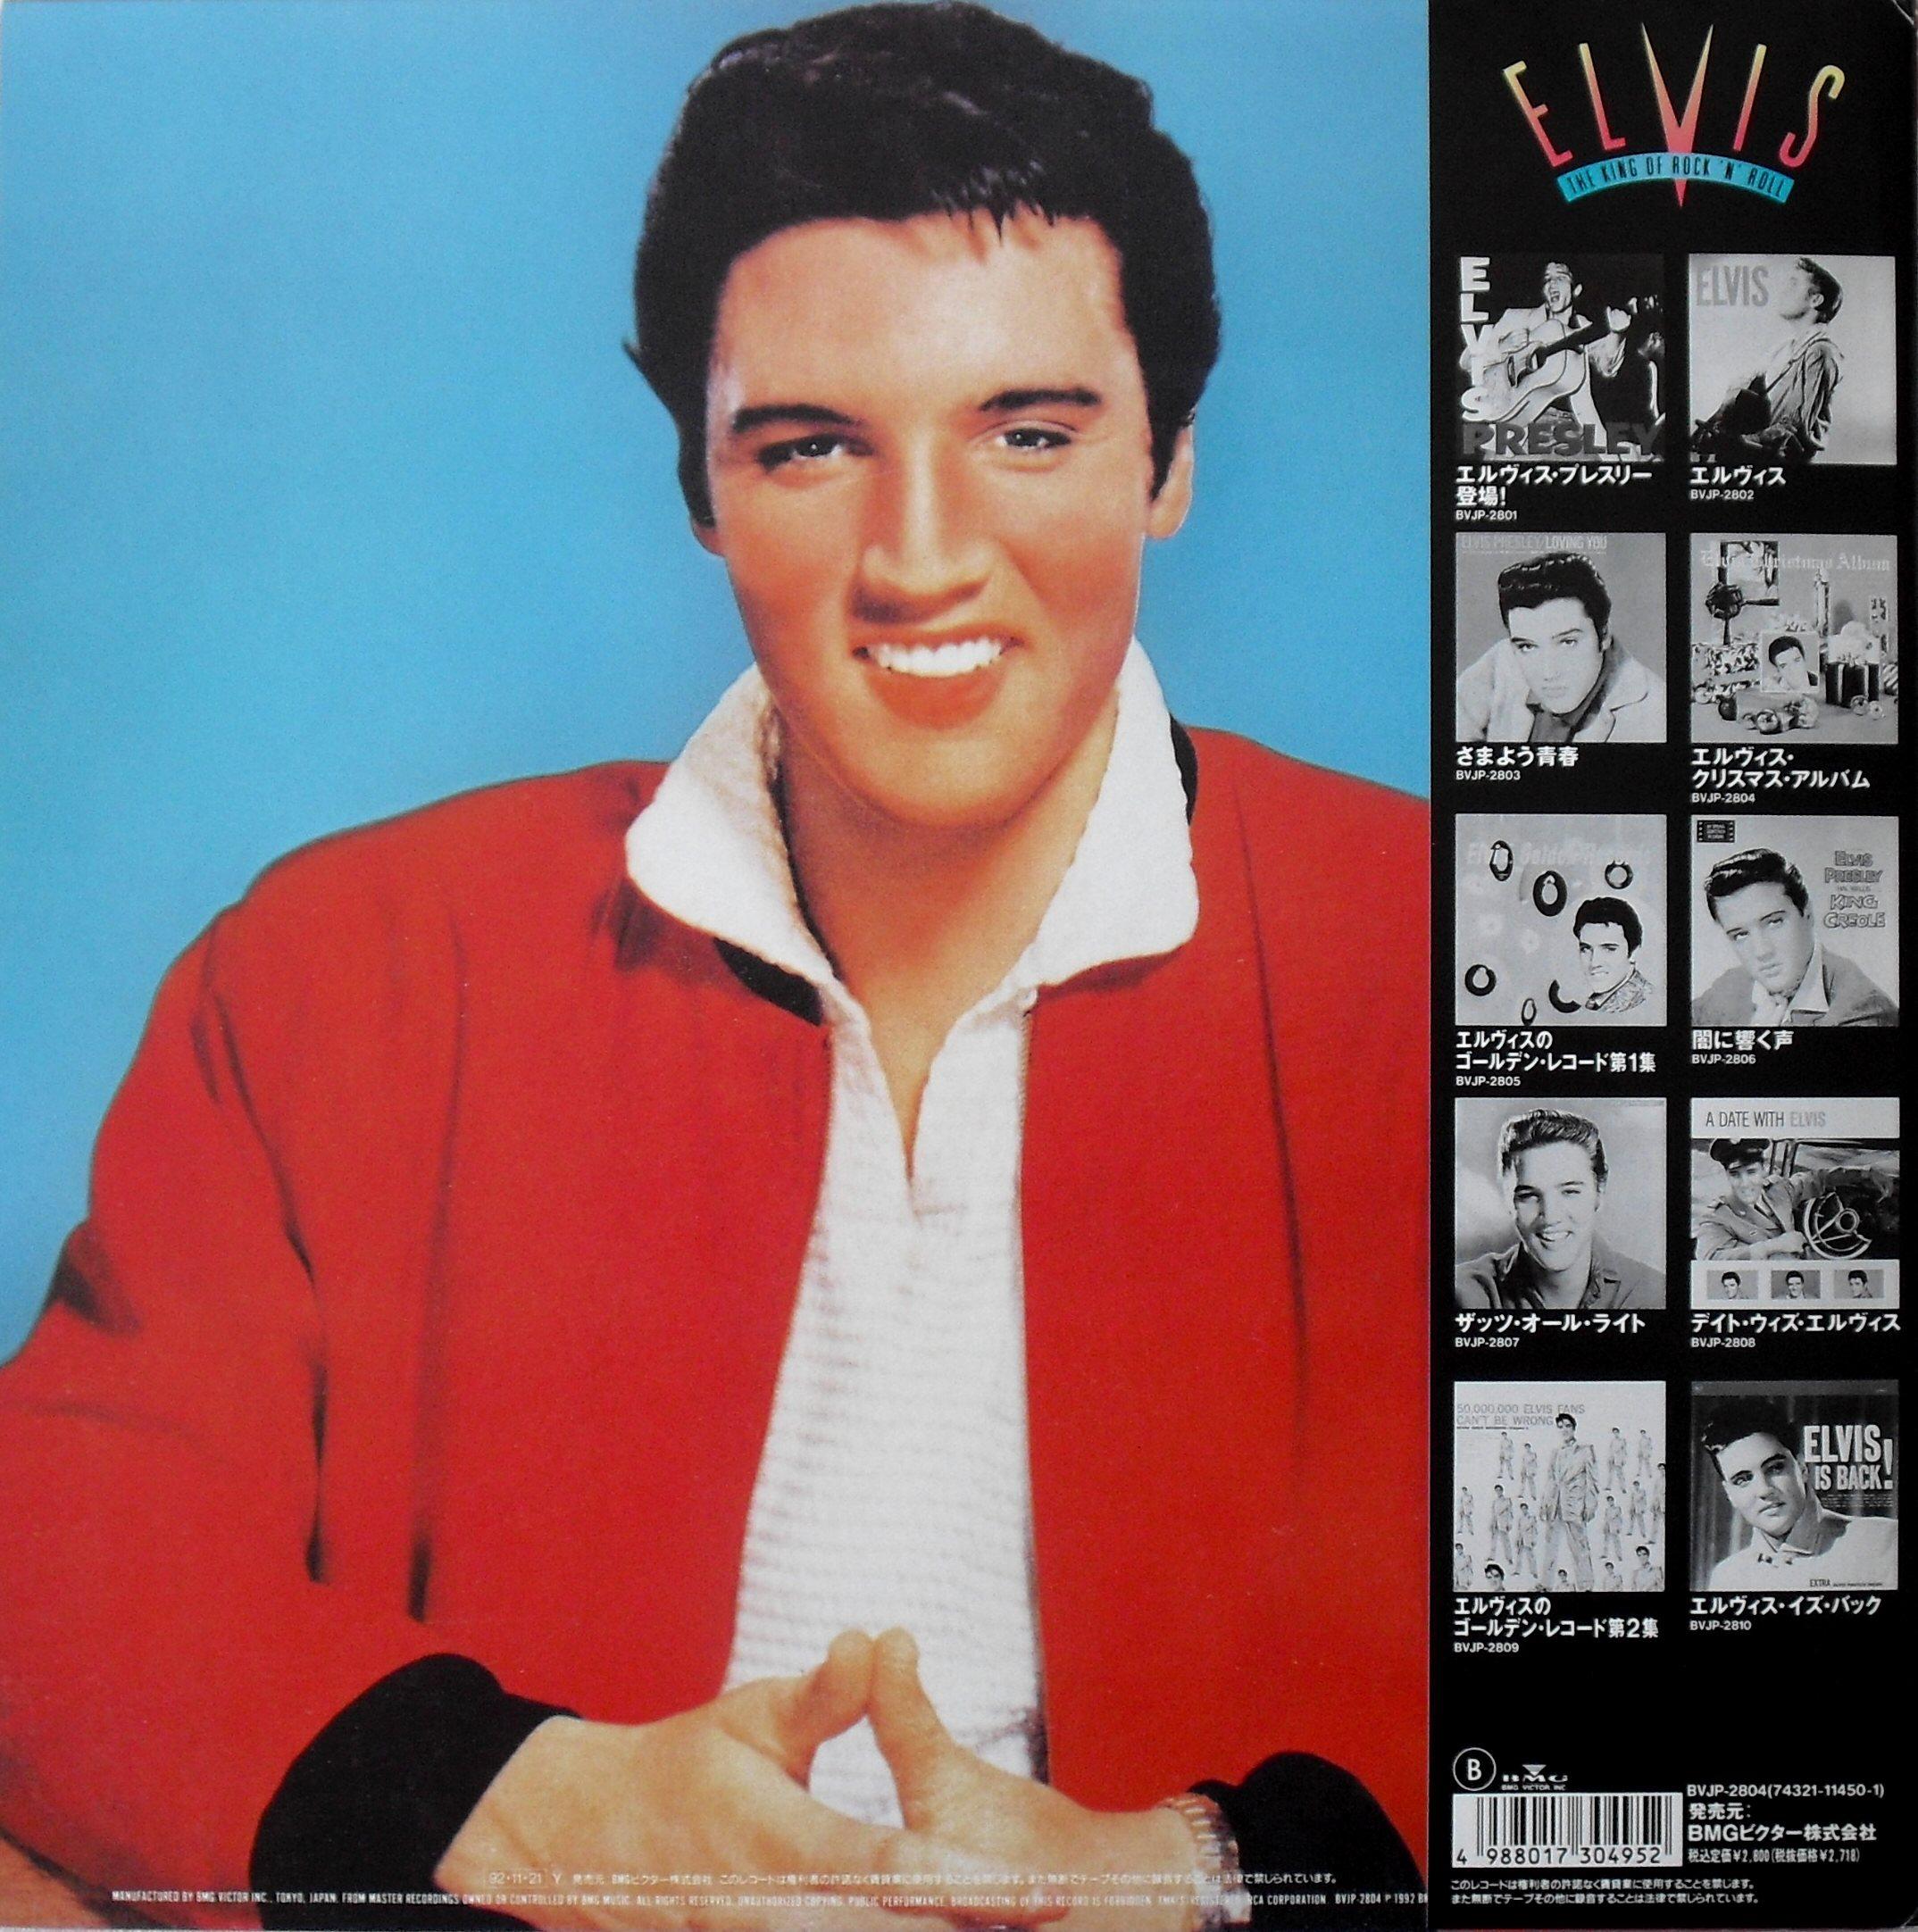 ELVIS' CHRISTMAS ALBUM 0273uxq